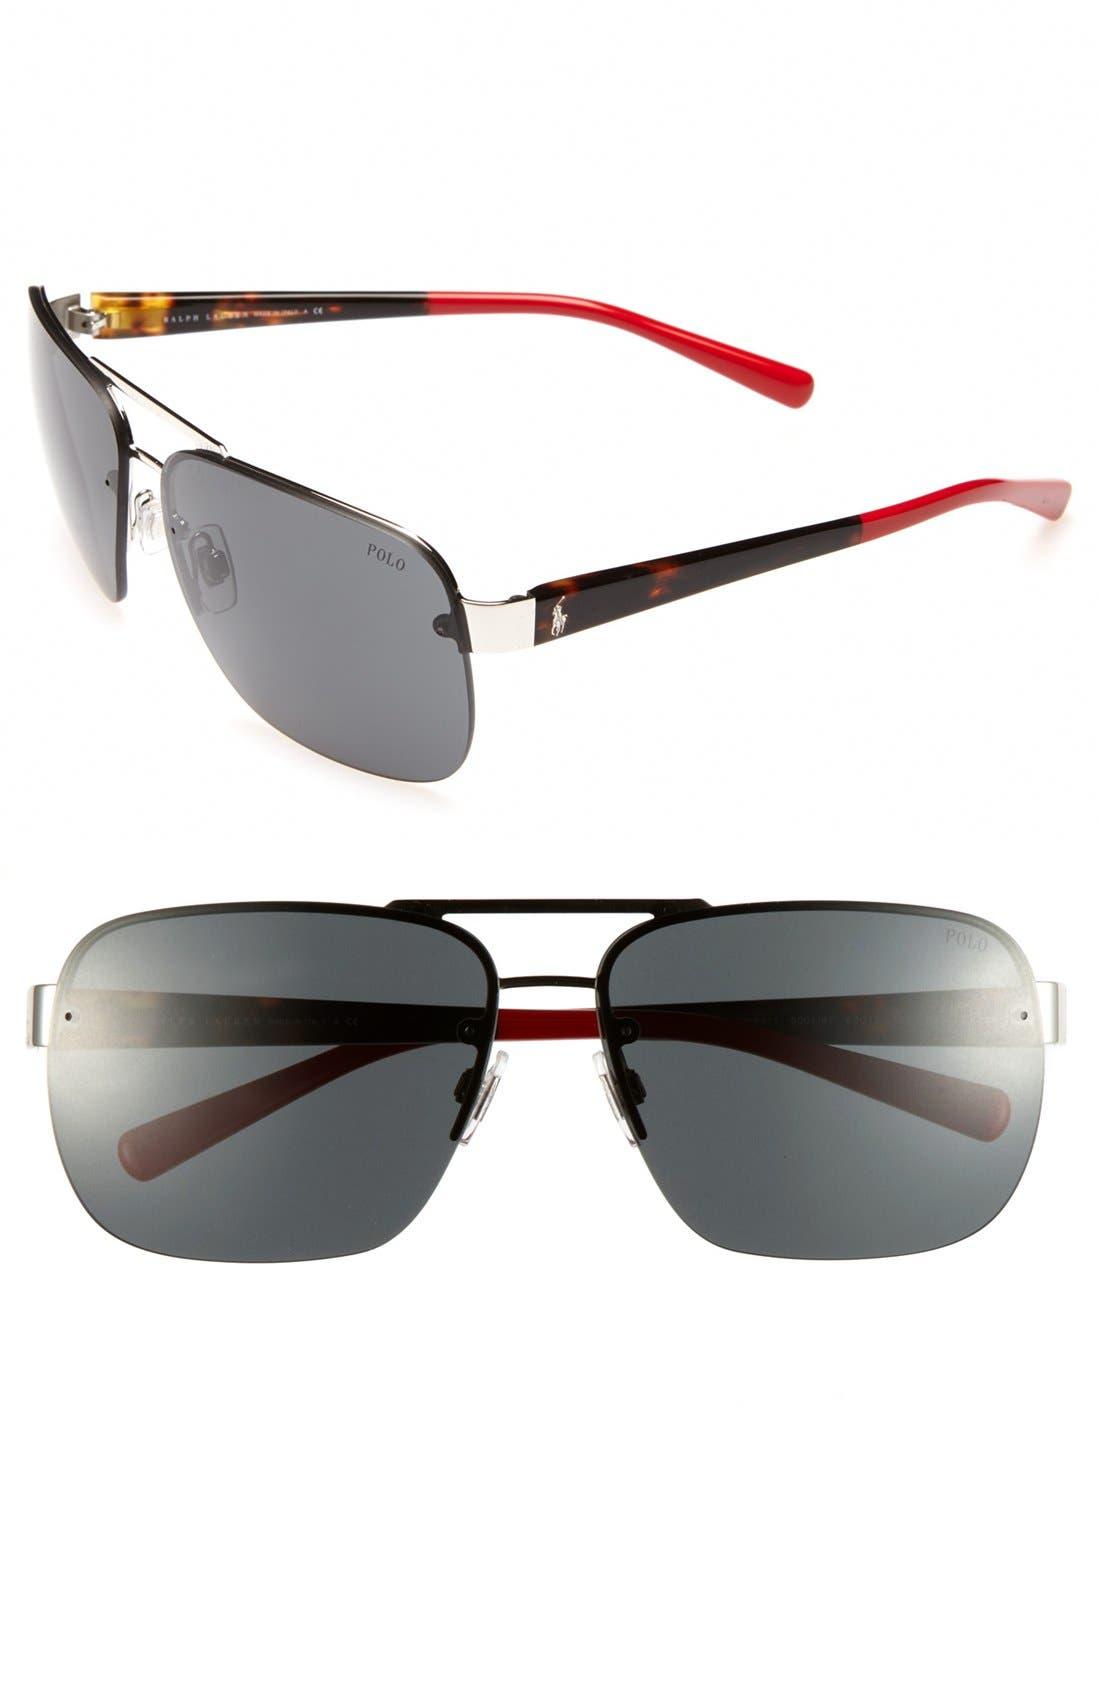 Main Image - Polo Ralph Lauren 'Color End' 62mm Sunglasses